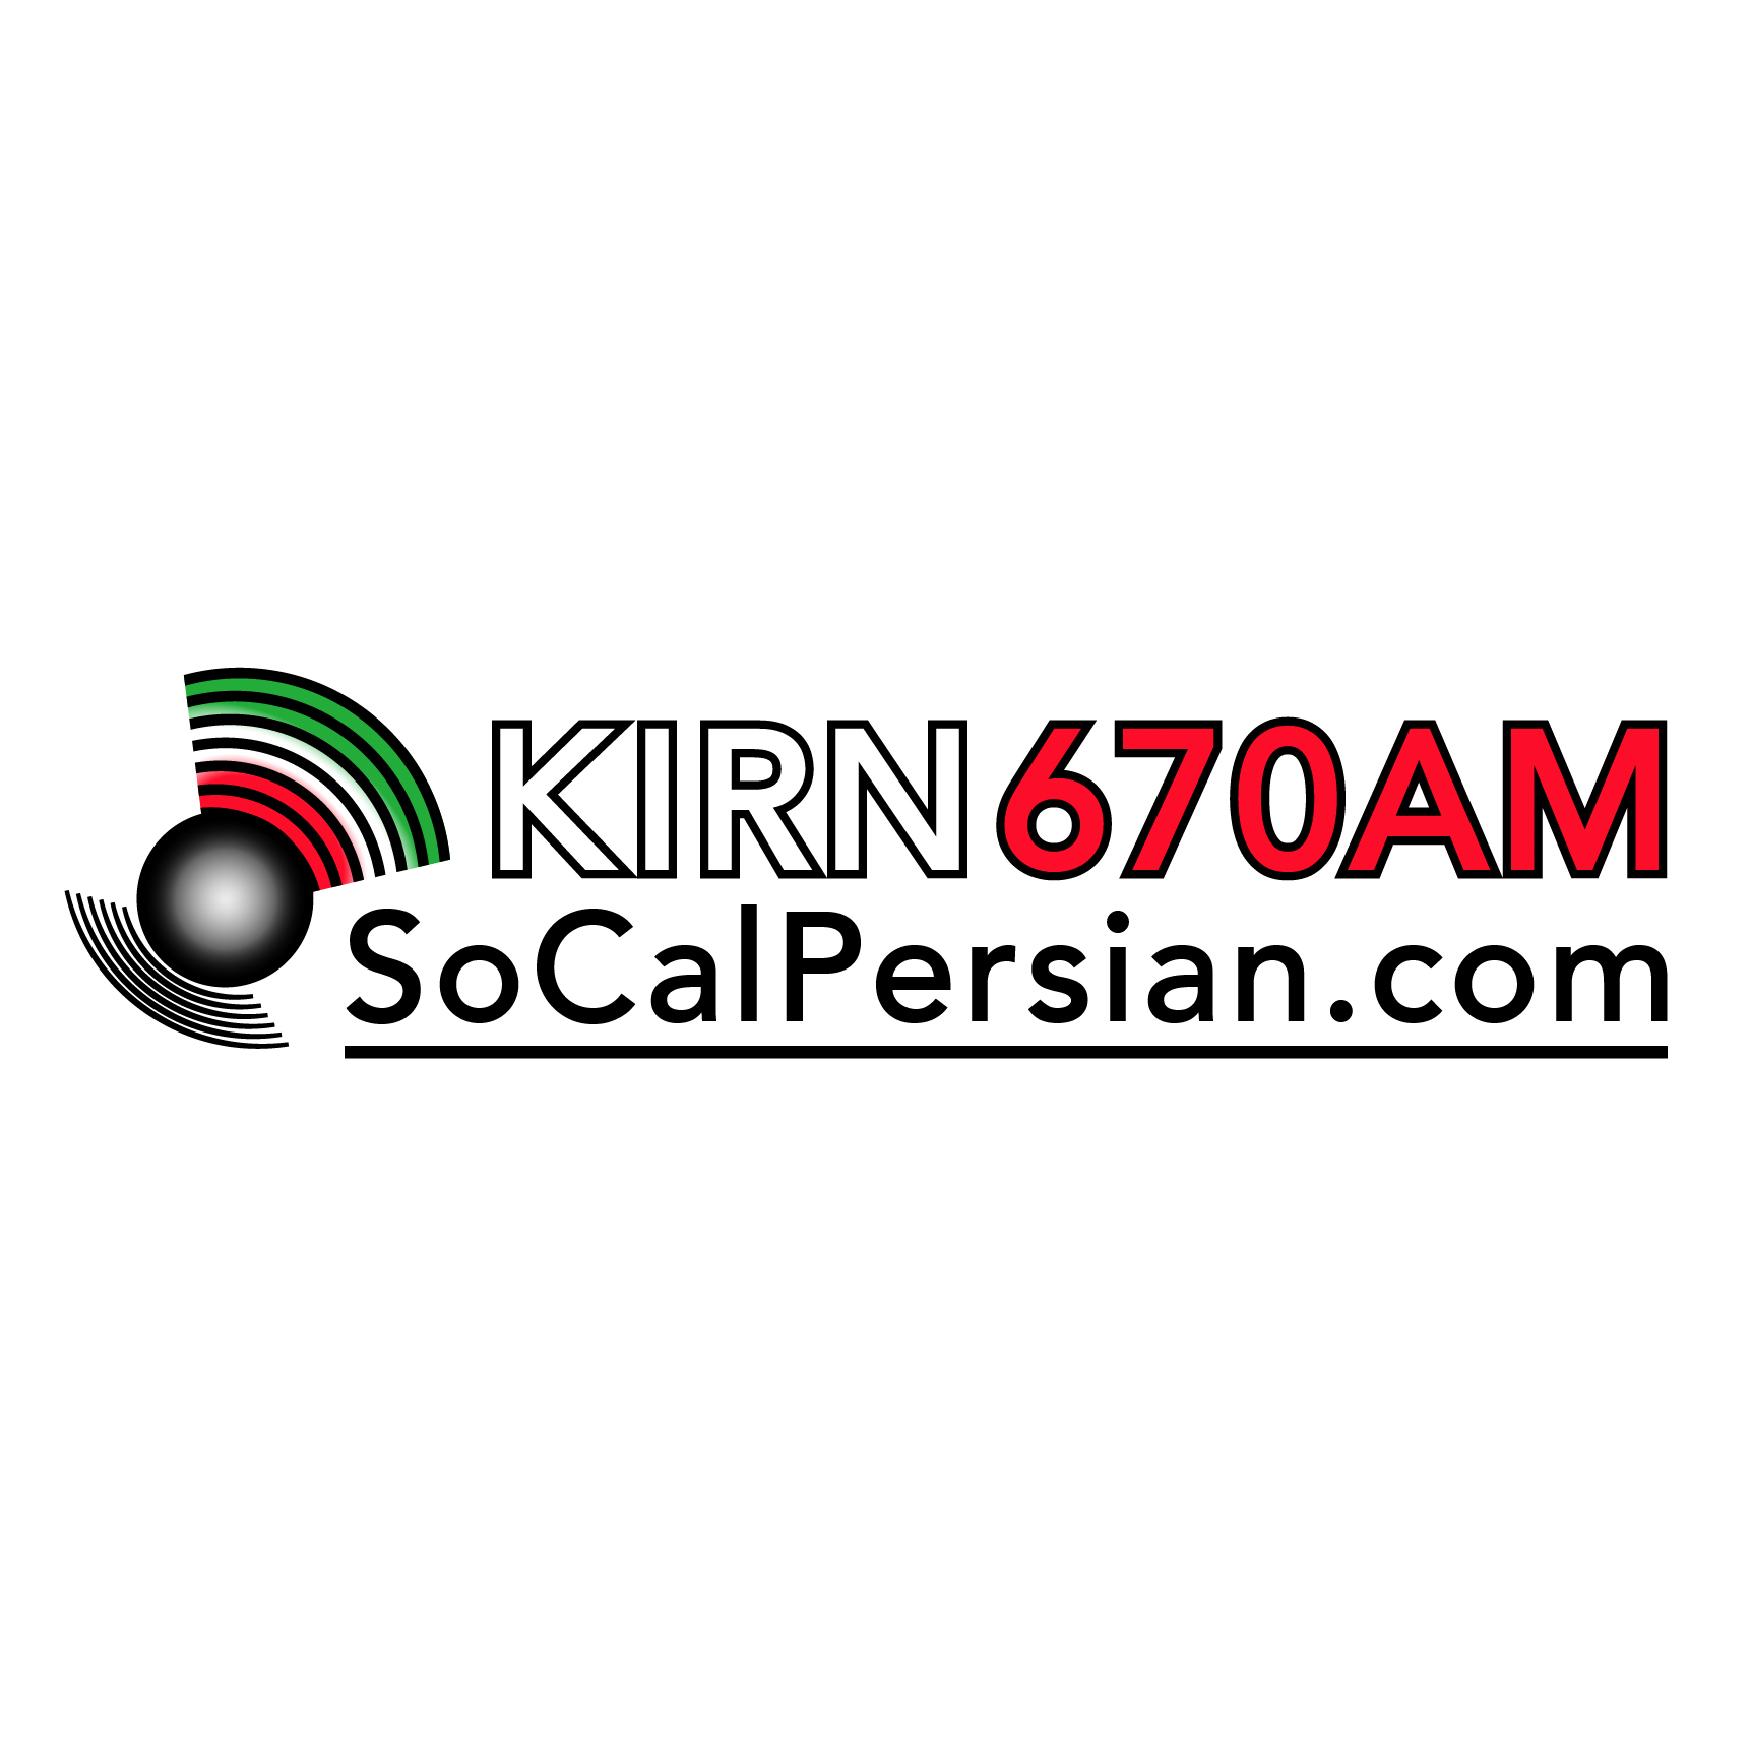 KIRN Radio